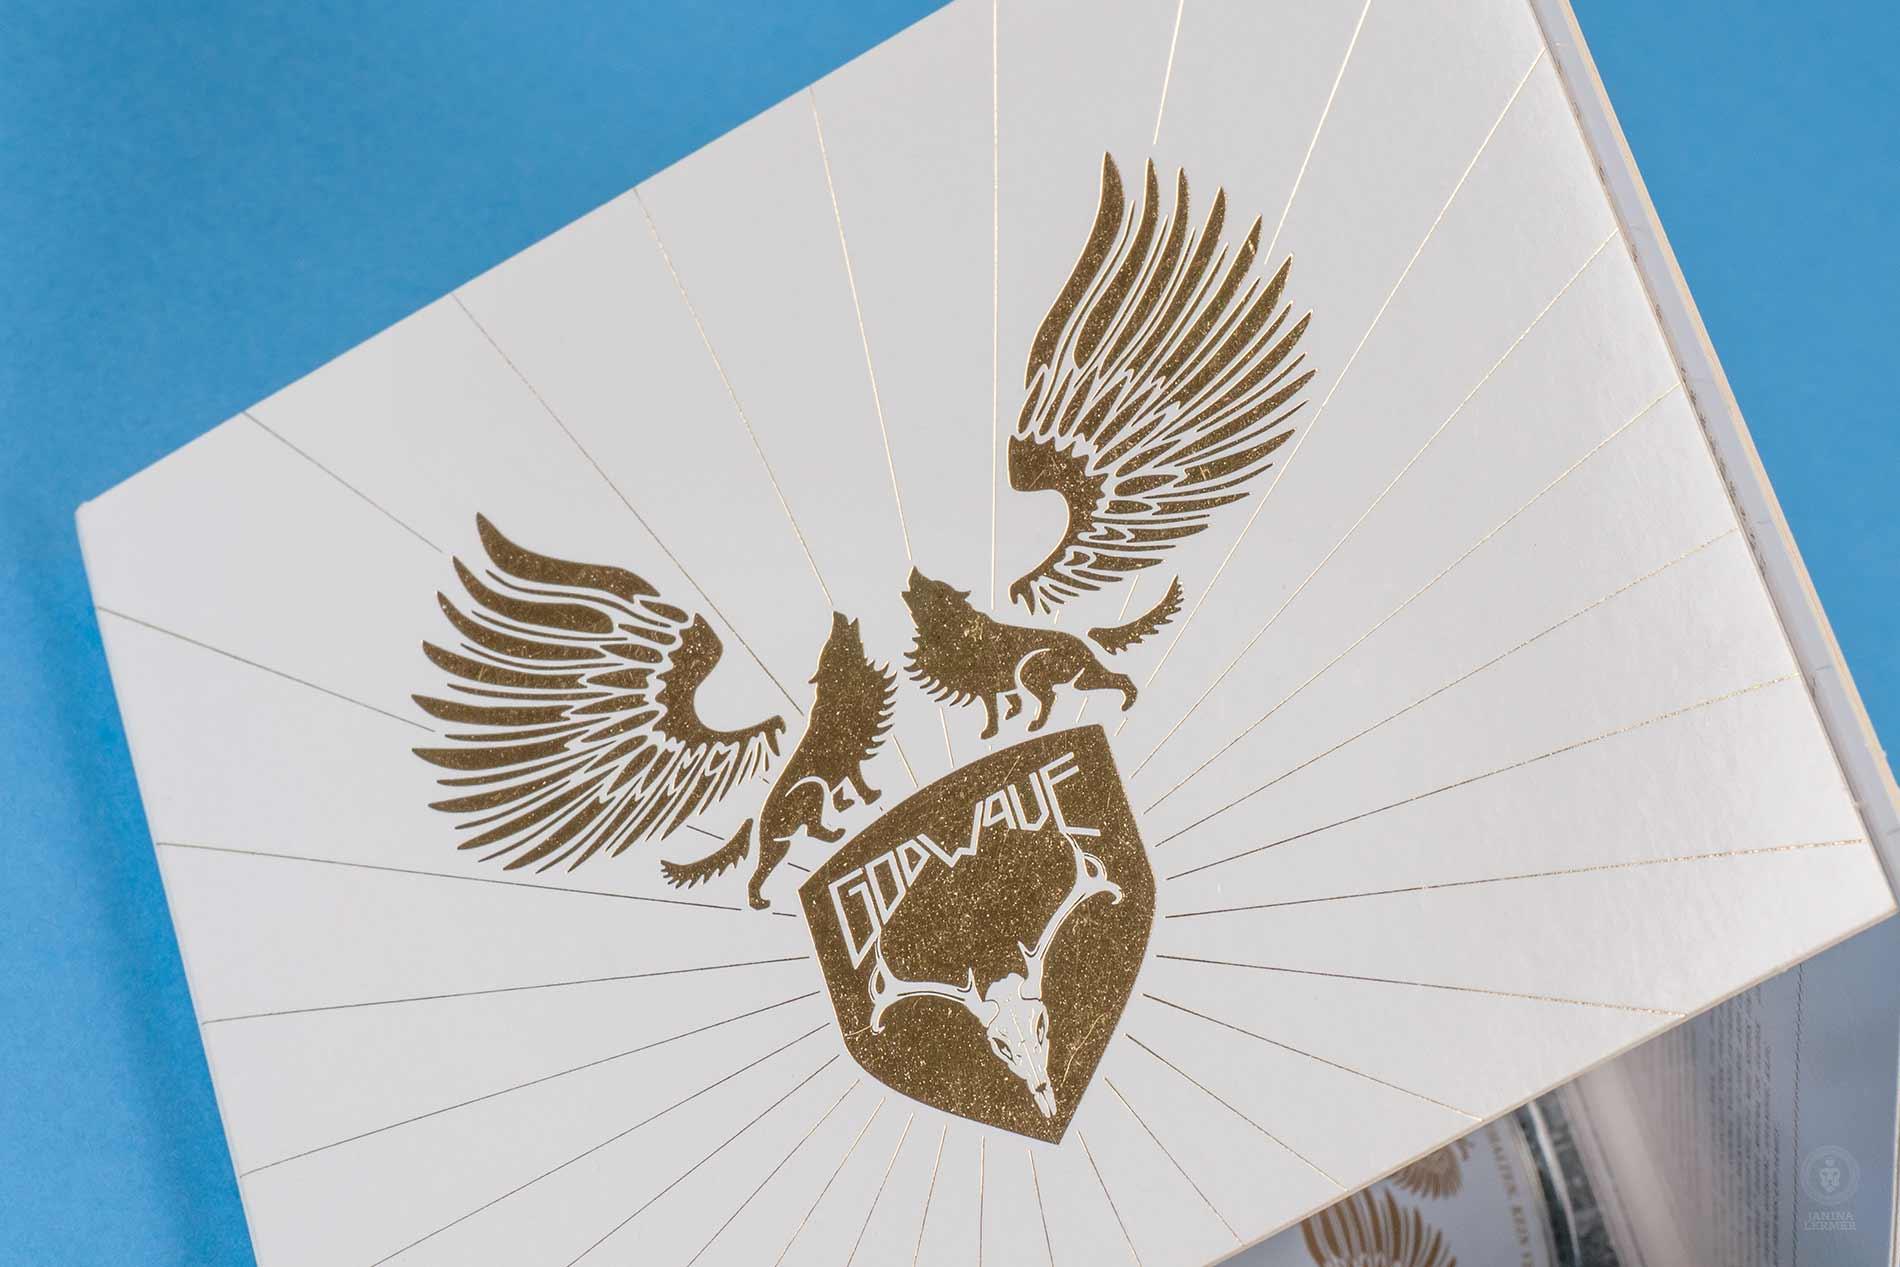 Janina-Lermer-Verpackungsgestaltung-Packagingdesign-Logo-Artwork-Goldfoil-Stamping-Band-Godwave